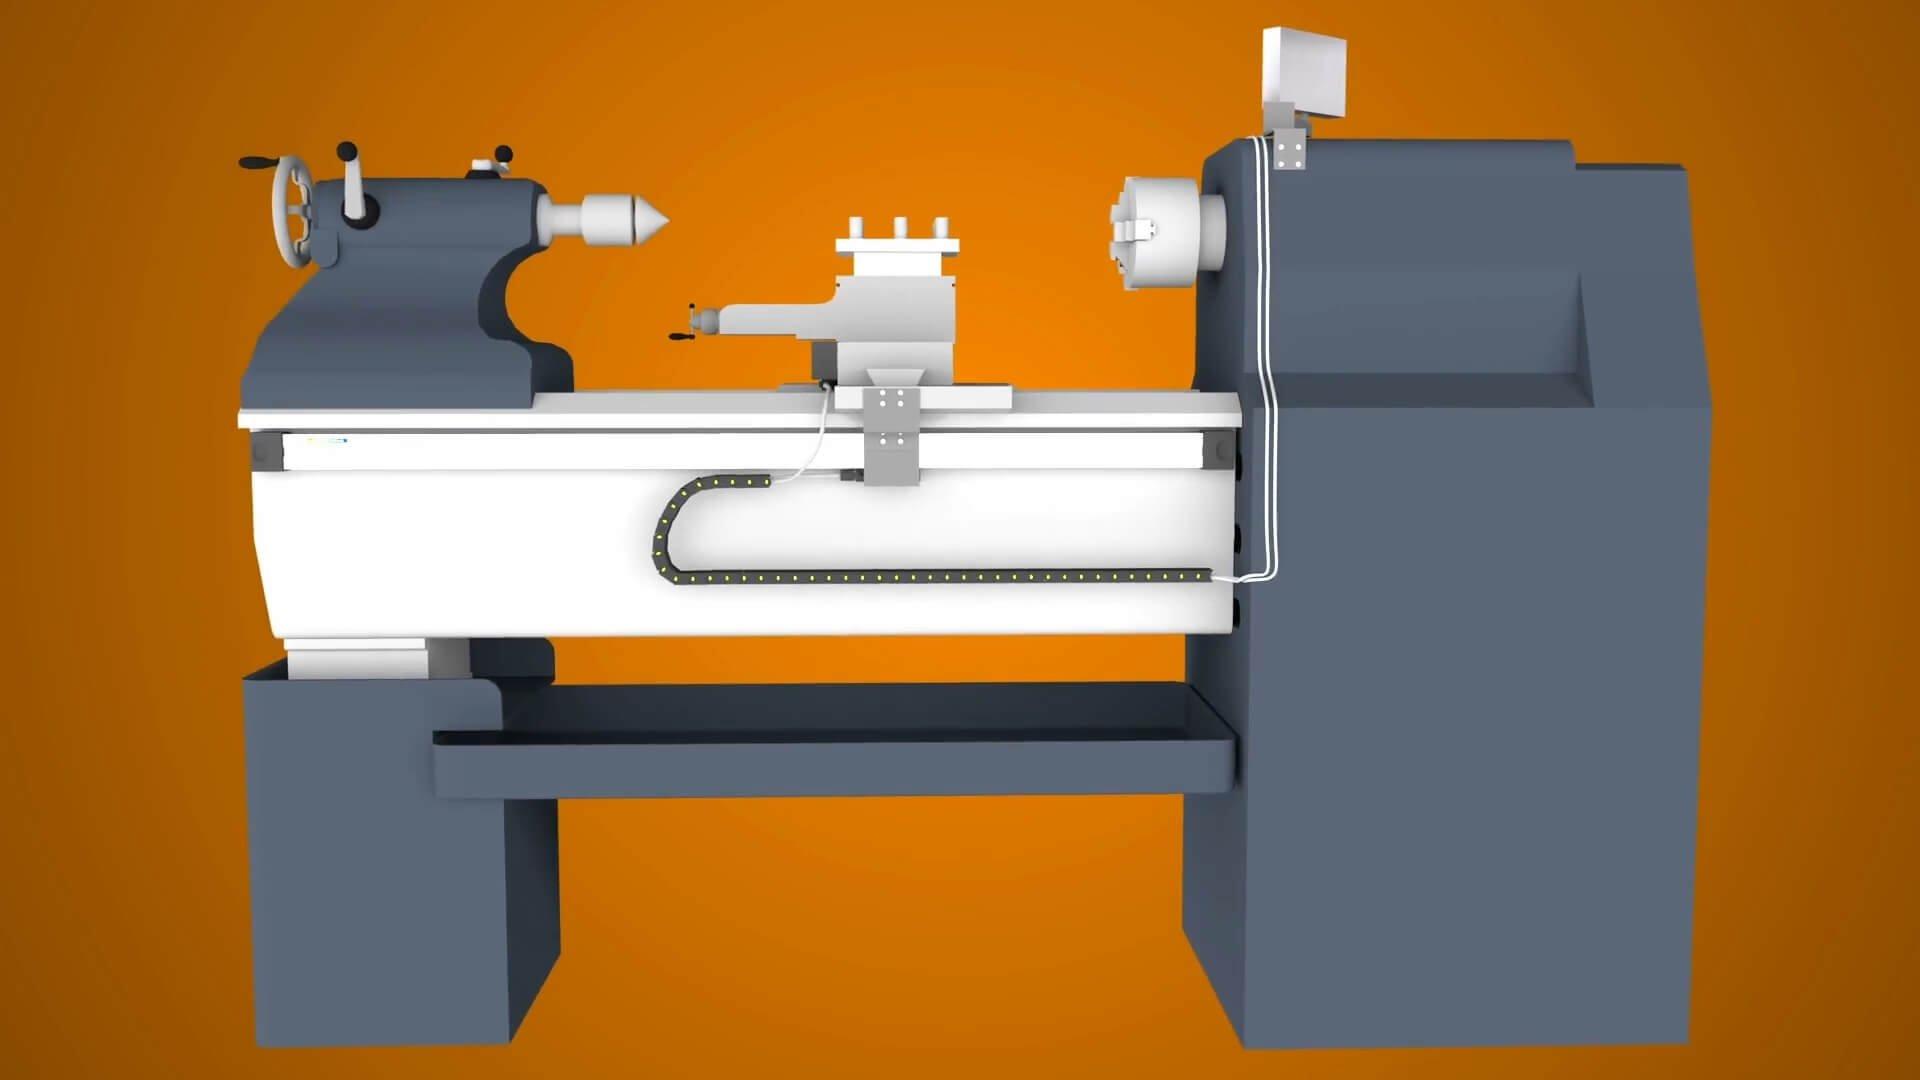 Emos Marketing 2D3D Hibrit Torna Tezgahı Filmi 13 1920x1080 - Emos Marketing 2D+3D Hibrit Torna Tezgahı Tanıtım Filmi